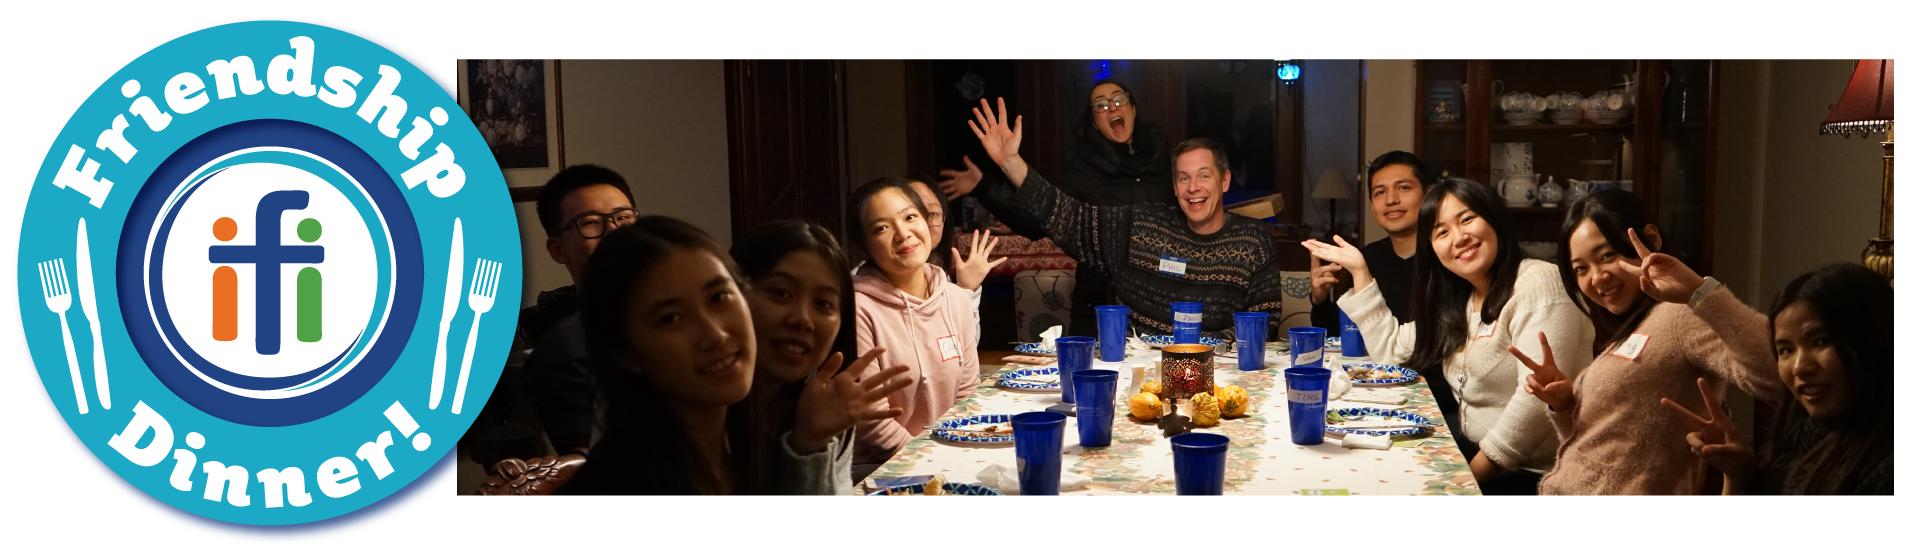 Friendship Dinner October 12th, 2019